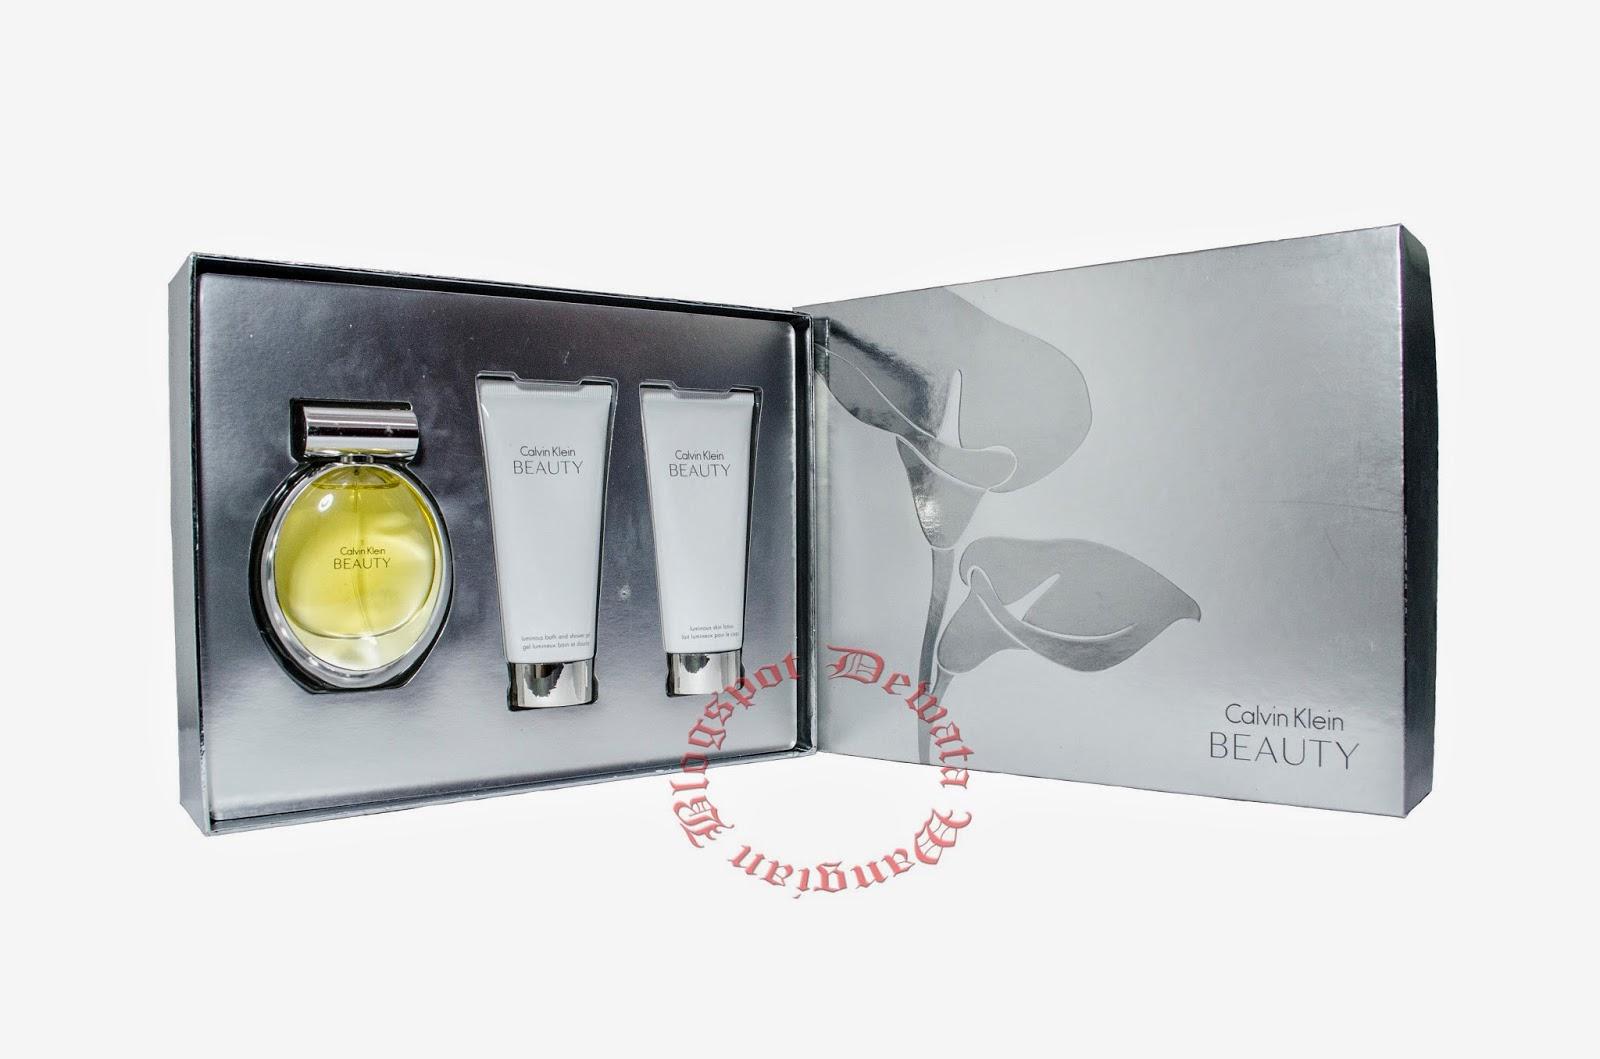 calvin klein makeup gift sets